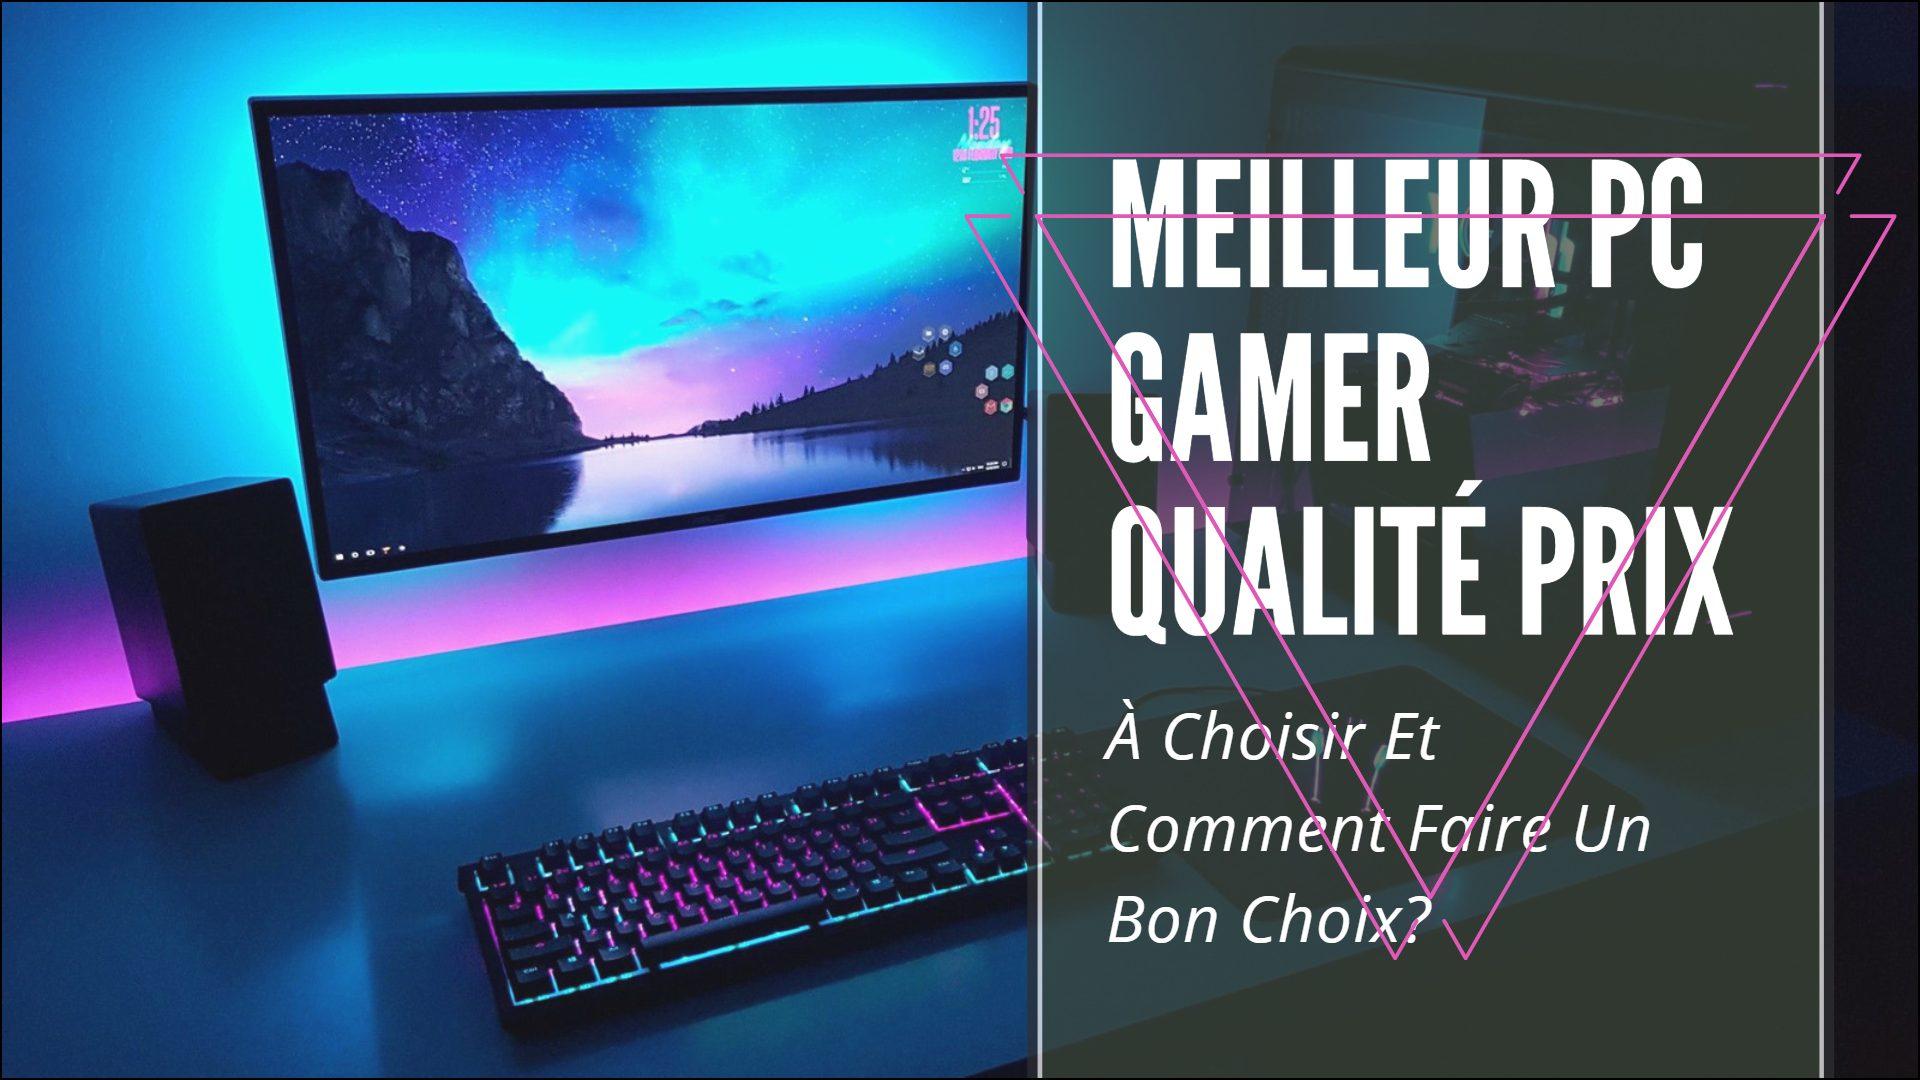 meilleur pc gamer qualité prix